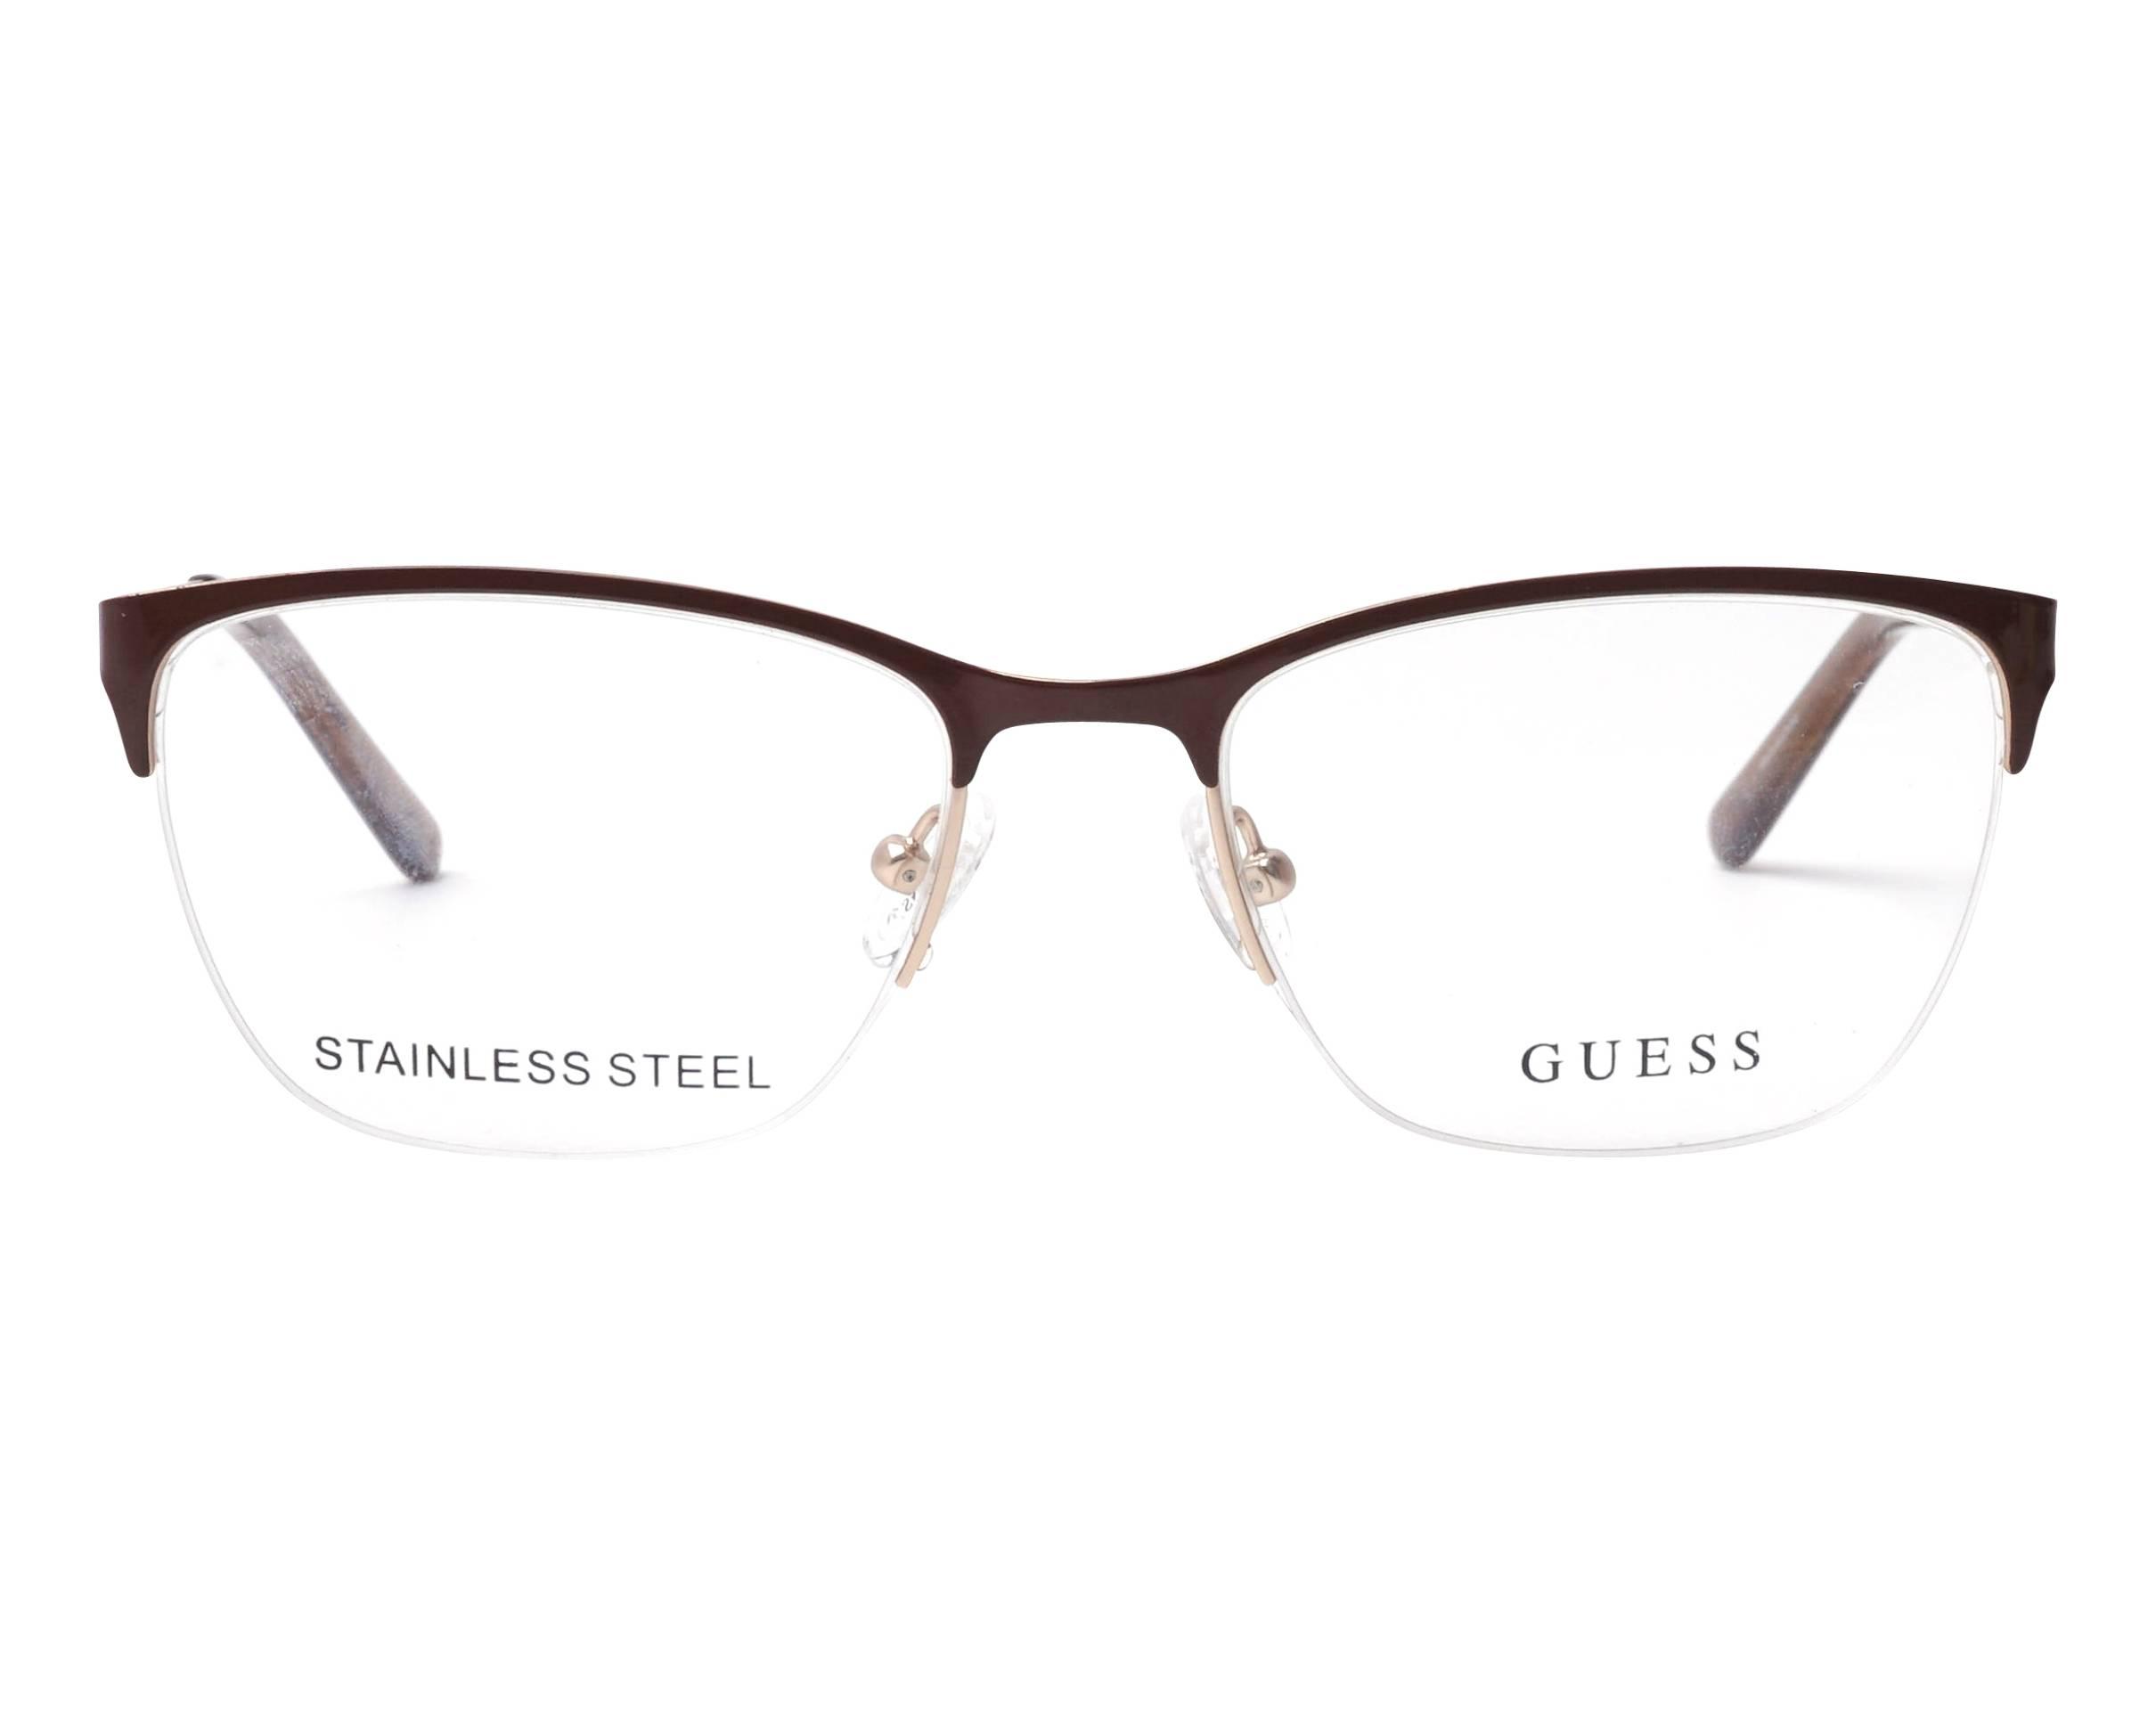 Guess Brillengestelle GU2510-48-54 Rechteckig Brillengestelle 54 Rot